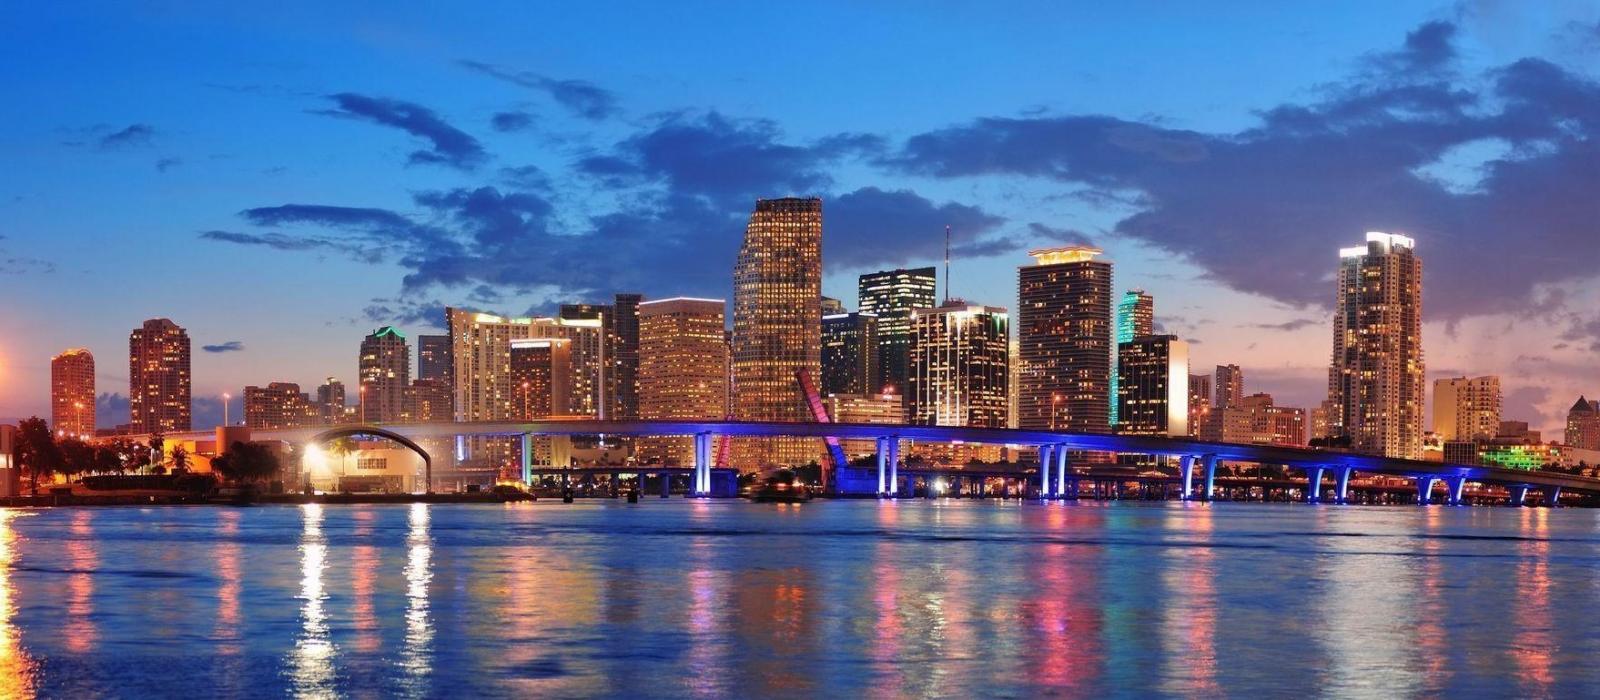 Downtown Miami Night